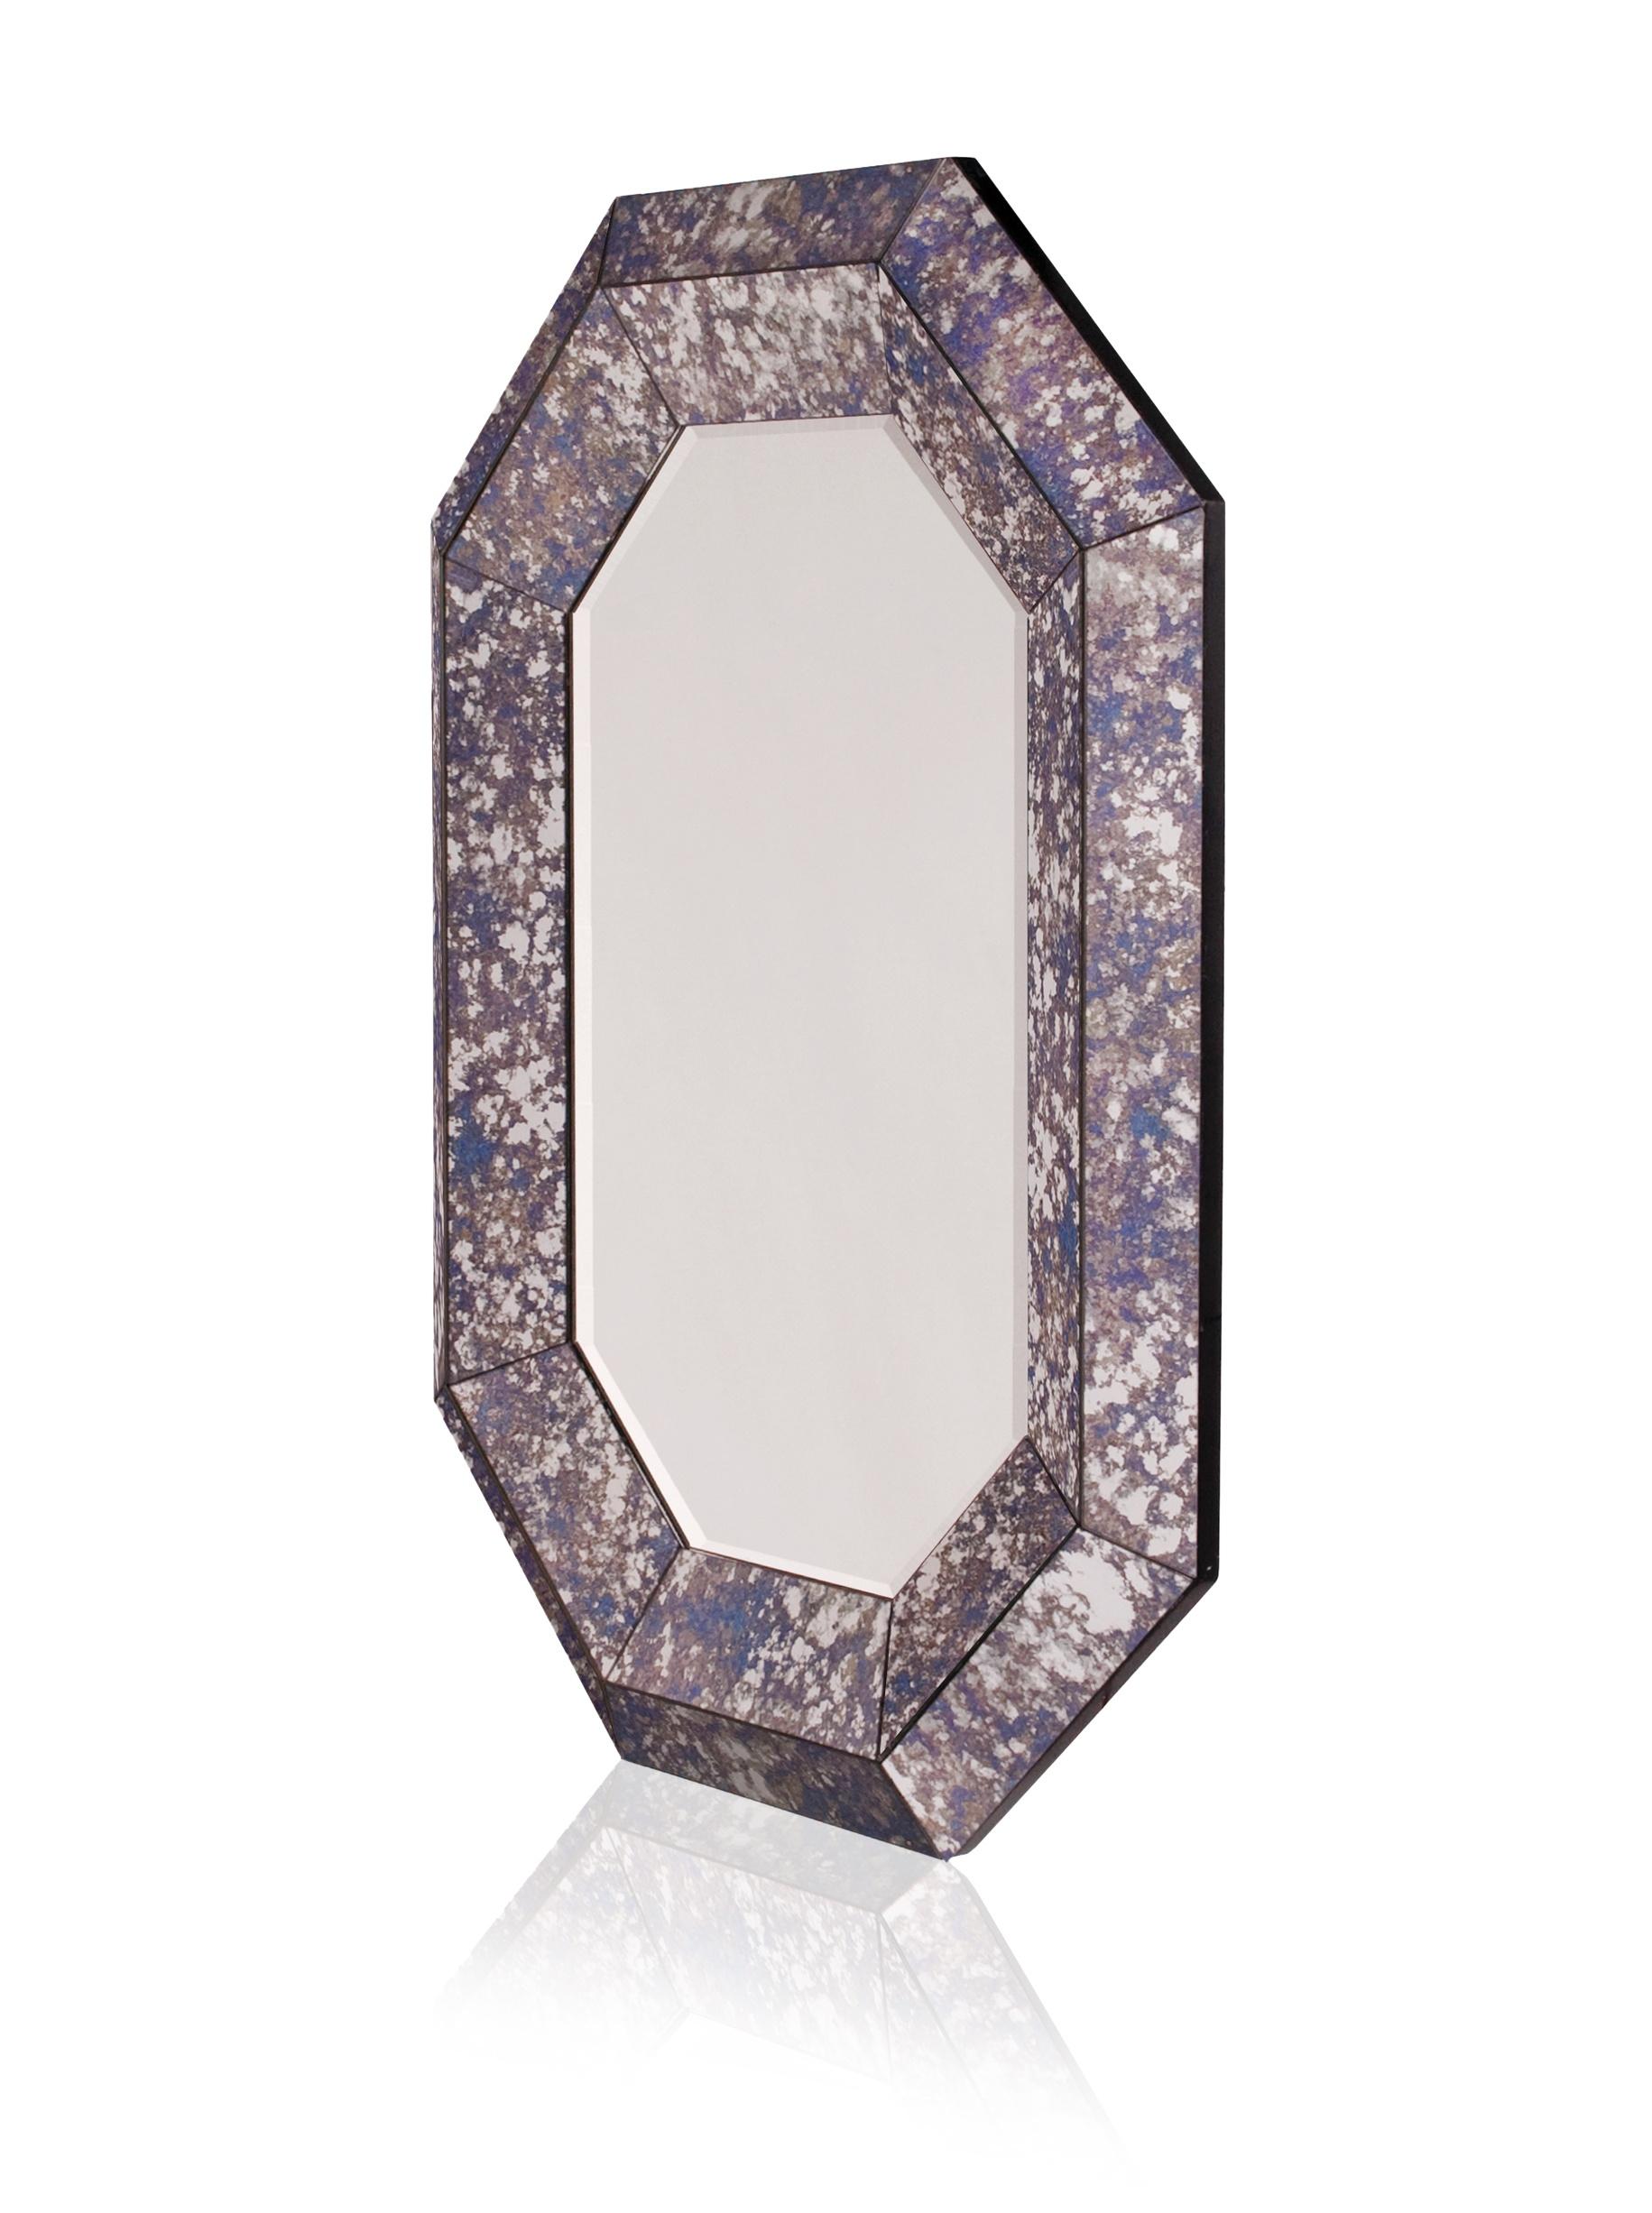 Brooke Mirror, Purple/Blue/Silver